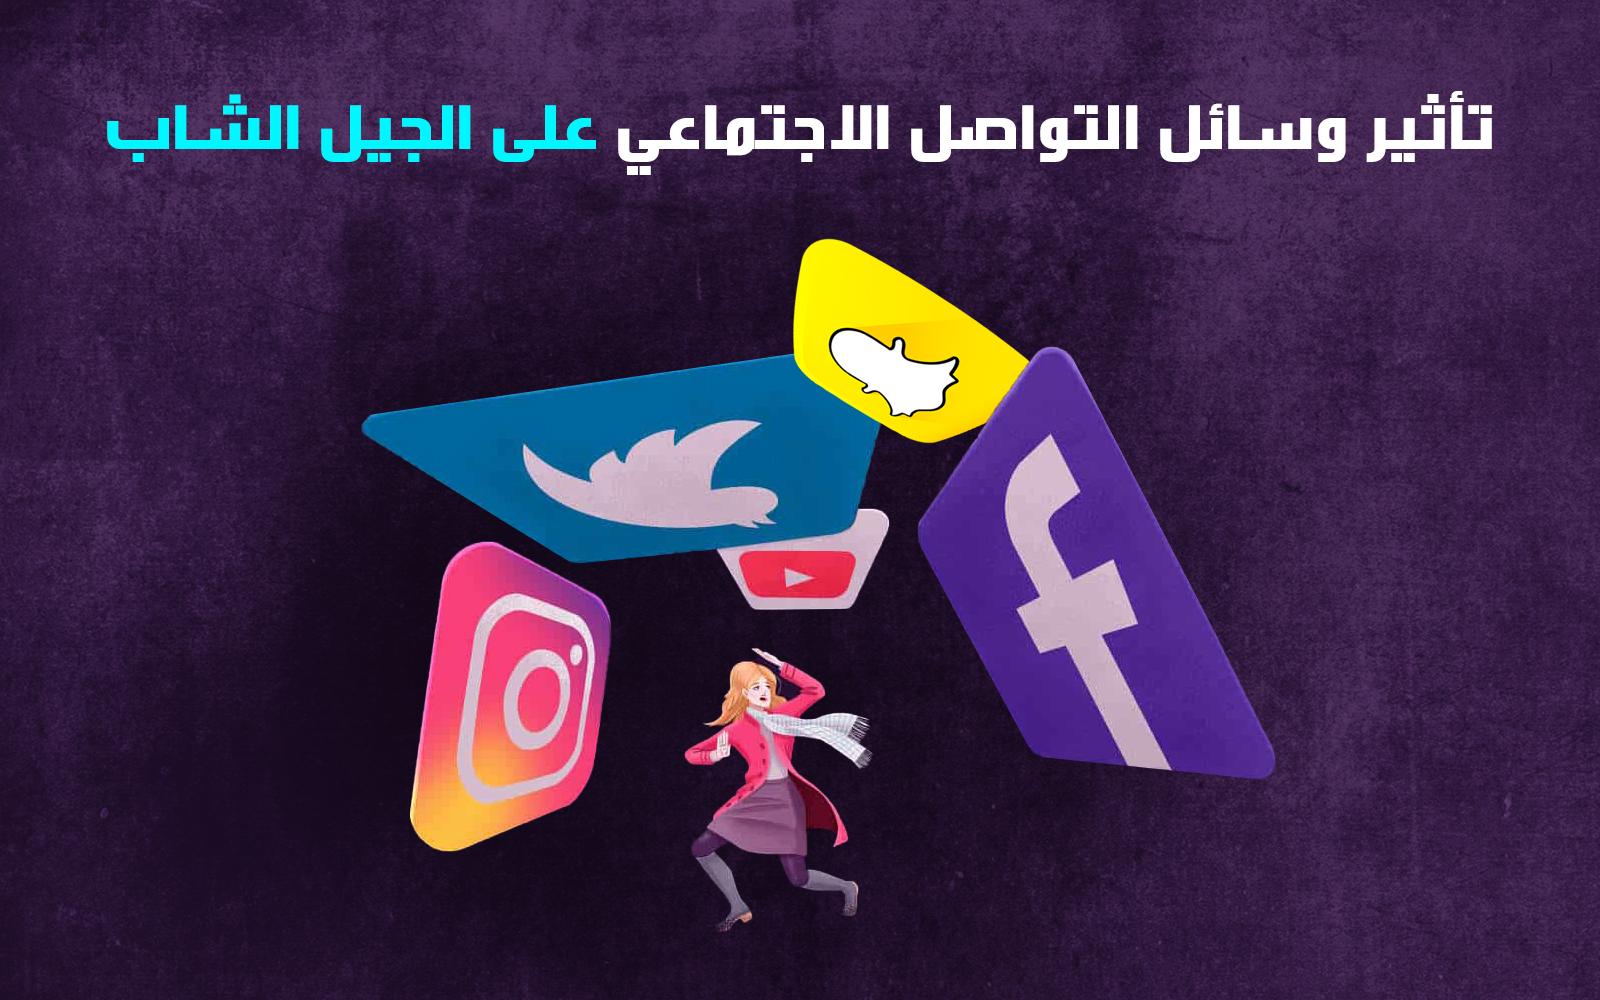 تأثير وسائل التواصل الاجتماعي على الجيل الشاب